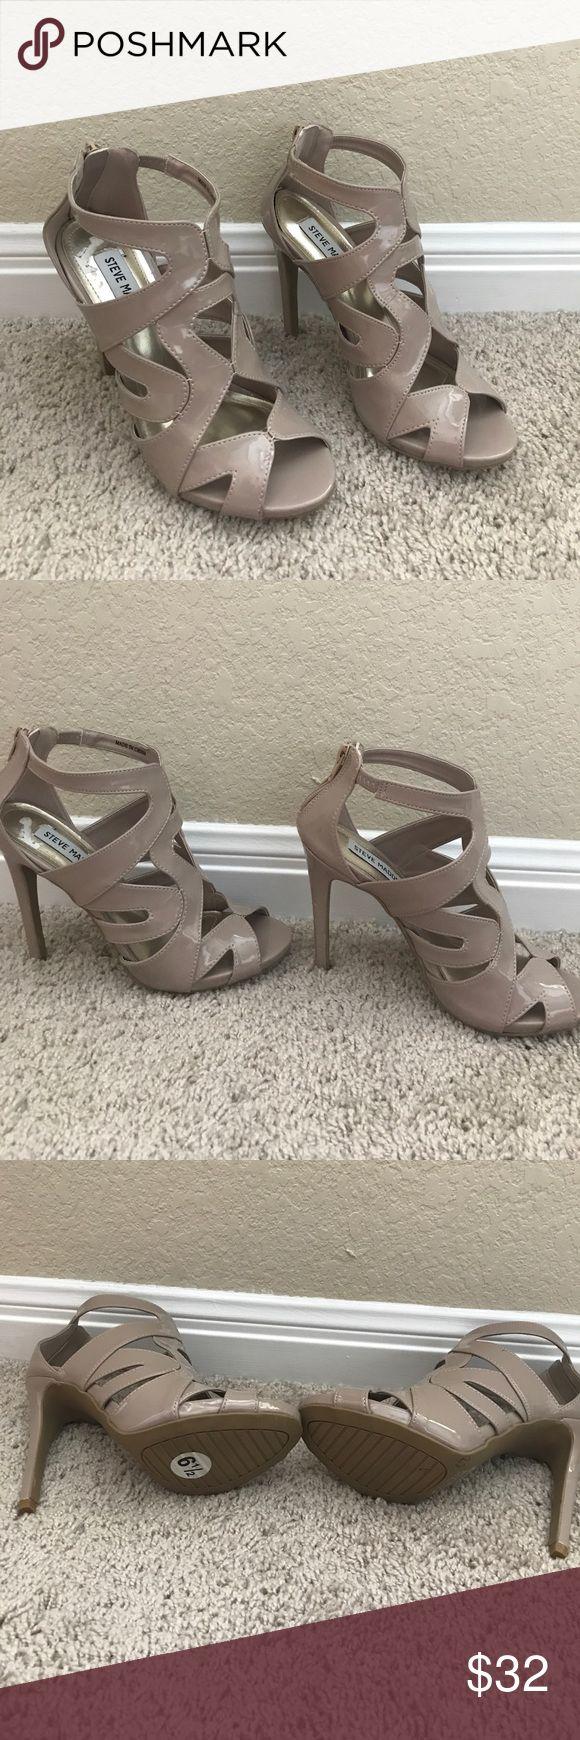 Never worn Steve Madden high heels Brand new Steve Madden heels, never been worn. Size 6 1/2, nude color Steve Madden Shoes Heels